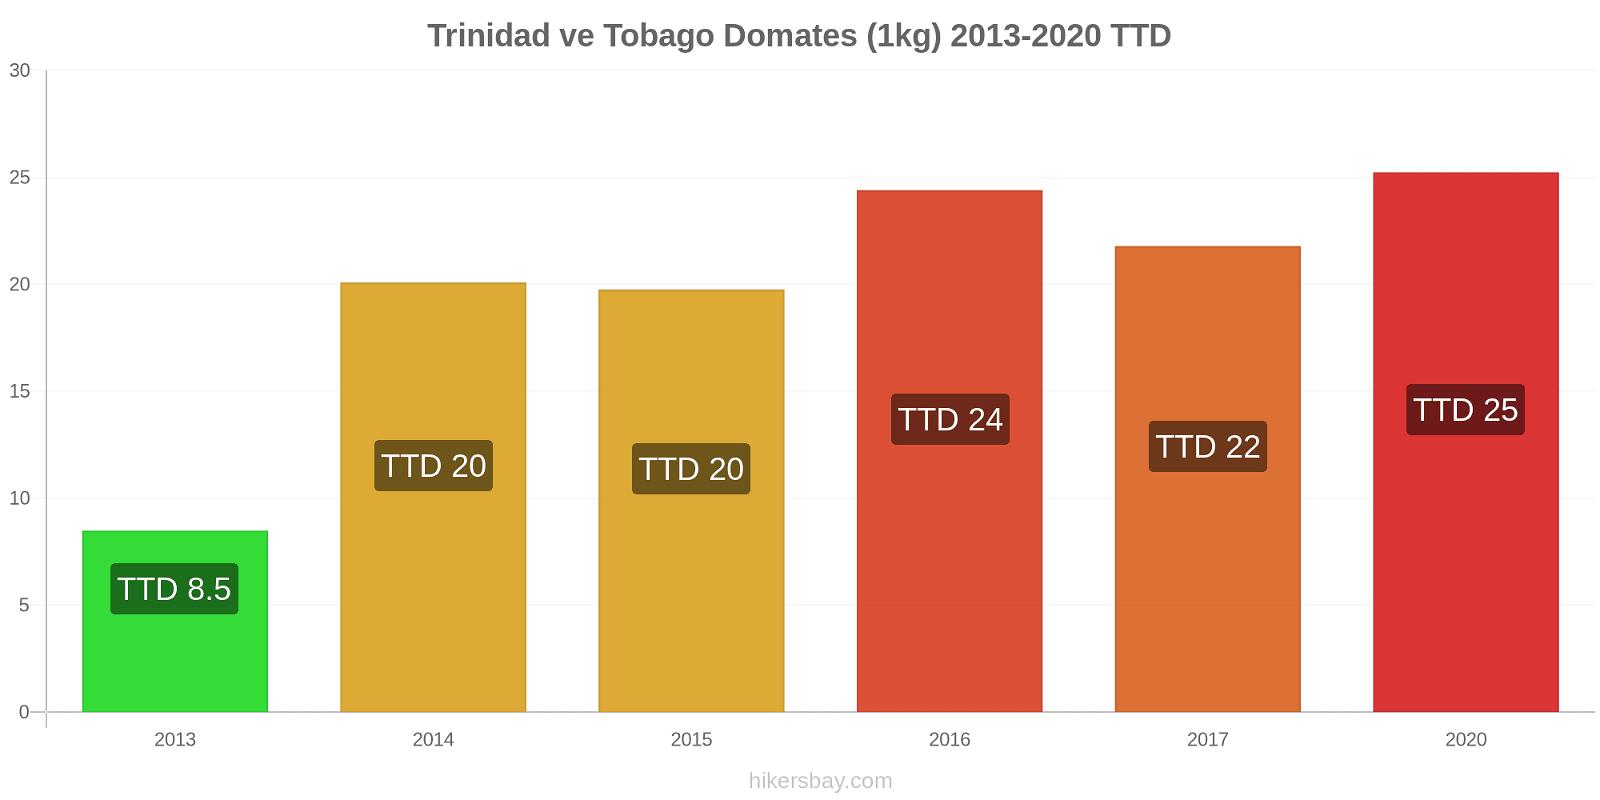 Trinidad ve Tobago fiyat değişiklikleri Domates (1kg) hikersbay.com